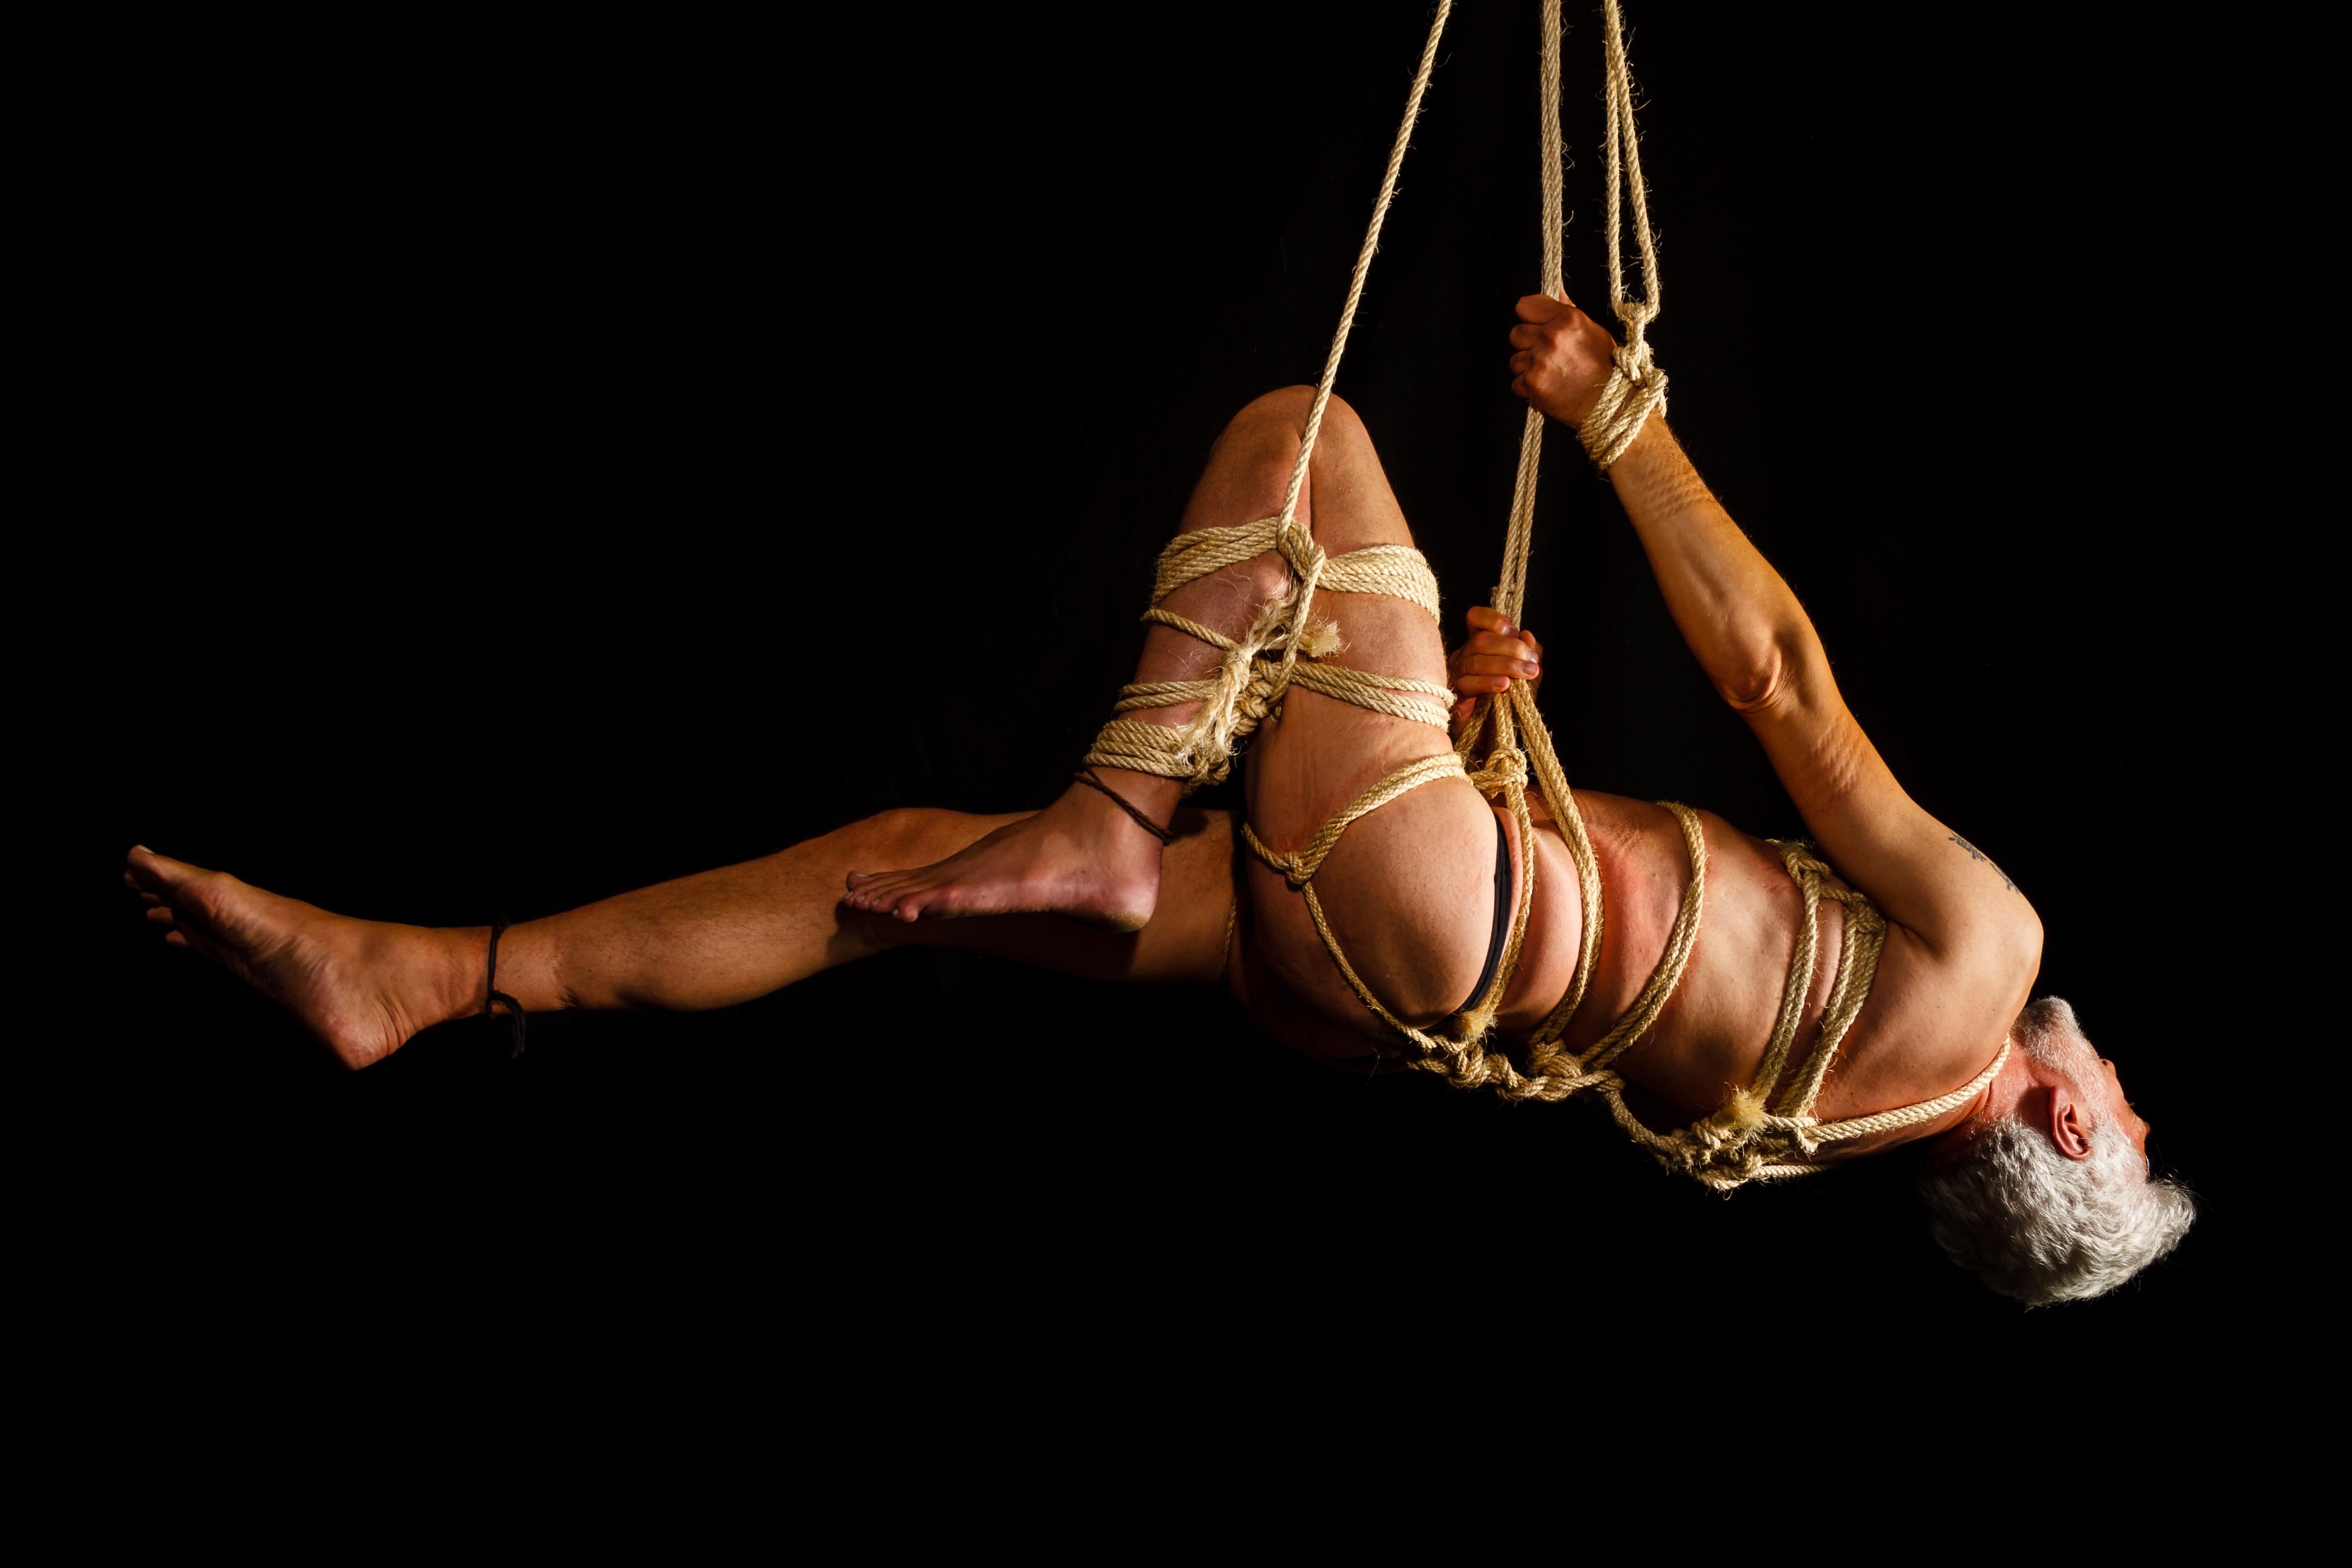 Fetish man bondage bdsm shibari hanging bondage 1598509 pxhere com jpg